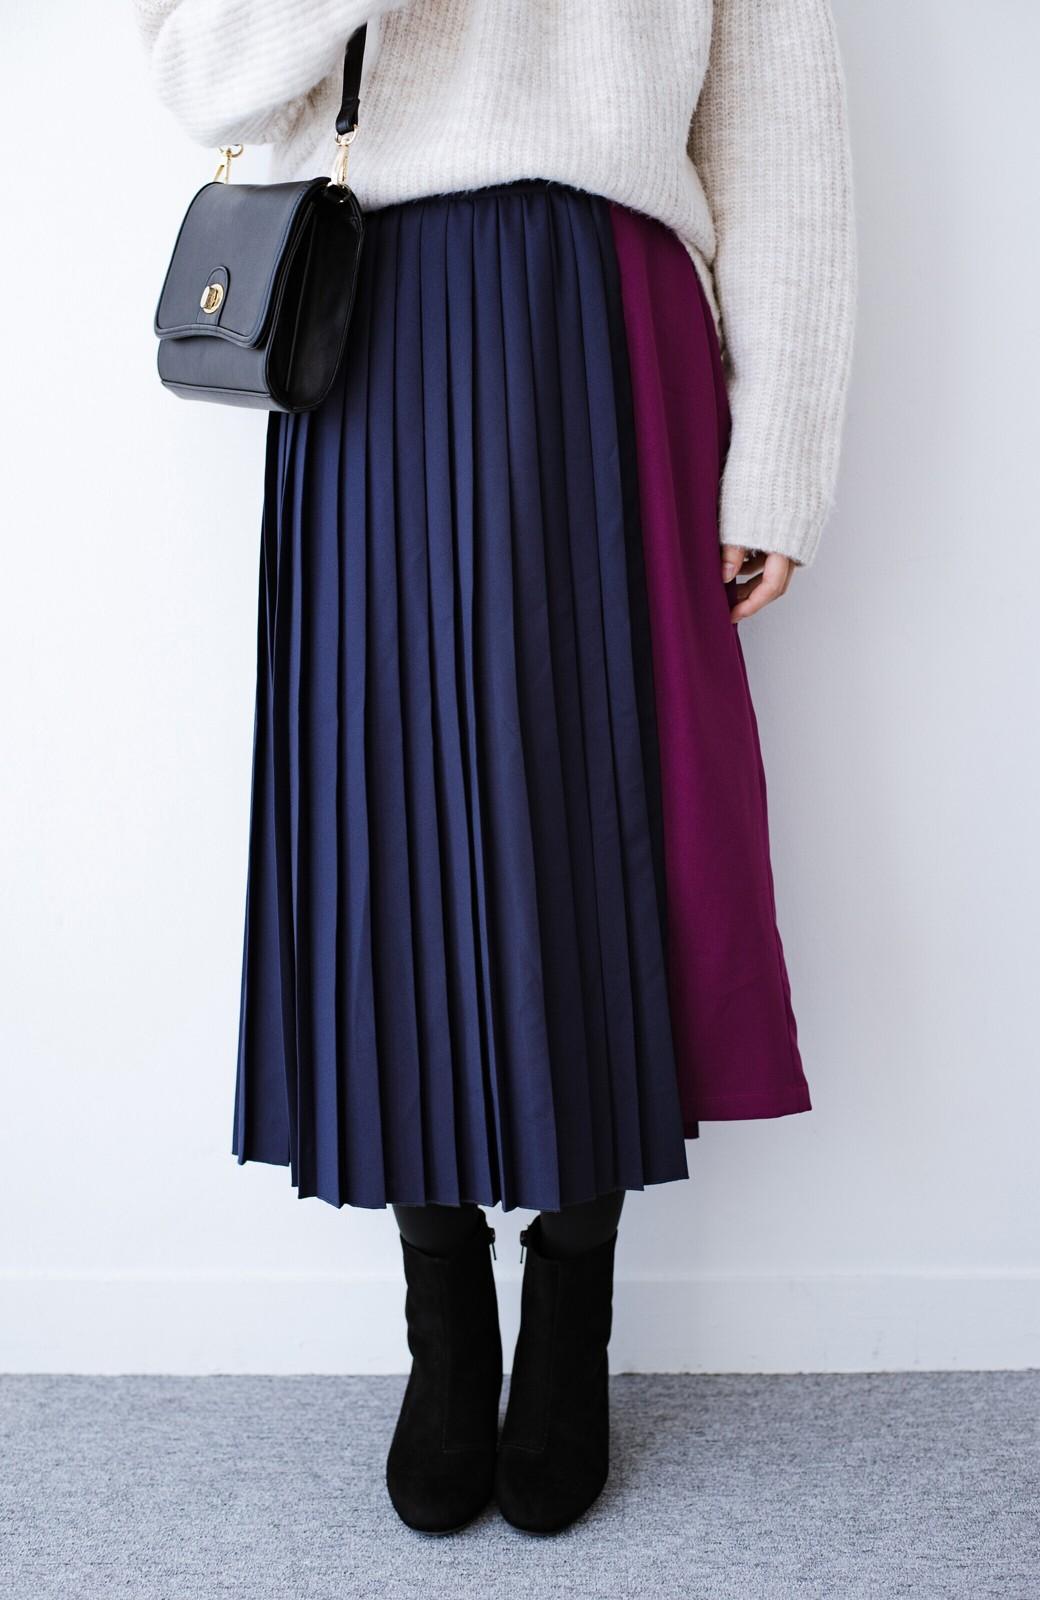 haco! 【背が小さい党】丈もウエストもぴったりサイズ!背が小さくたってすらーっと見えるプリーツスカート <ネイビー>の商品写真1